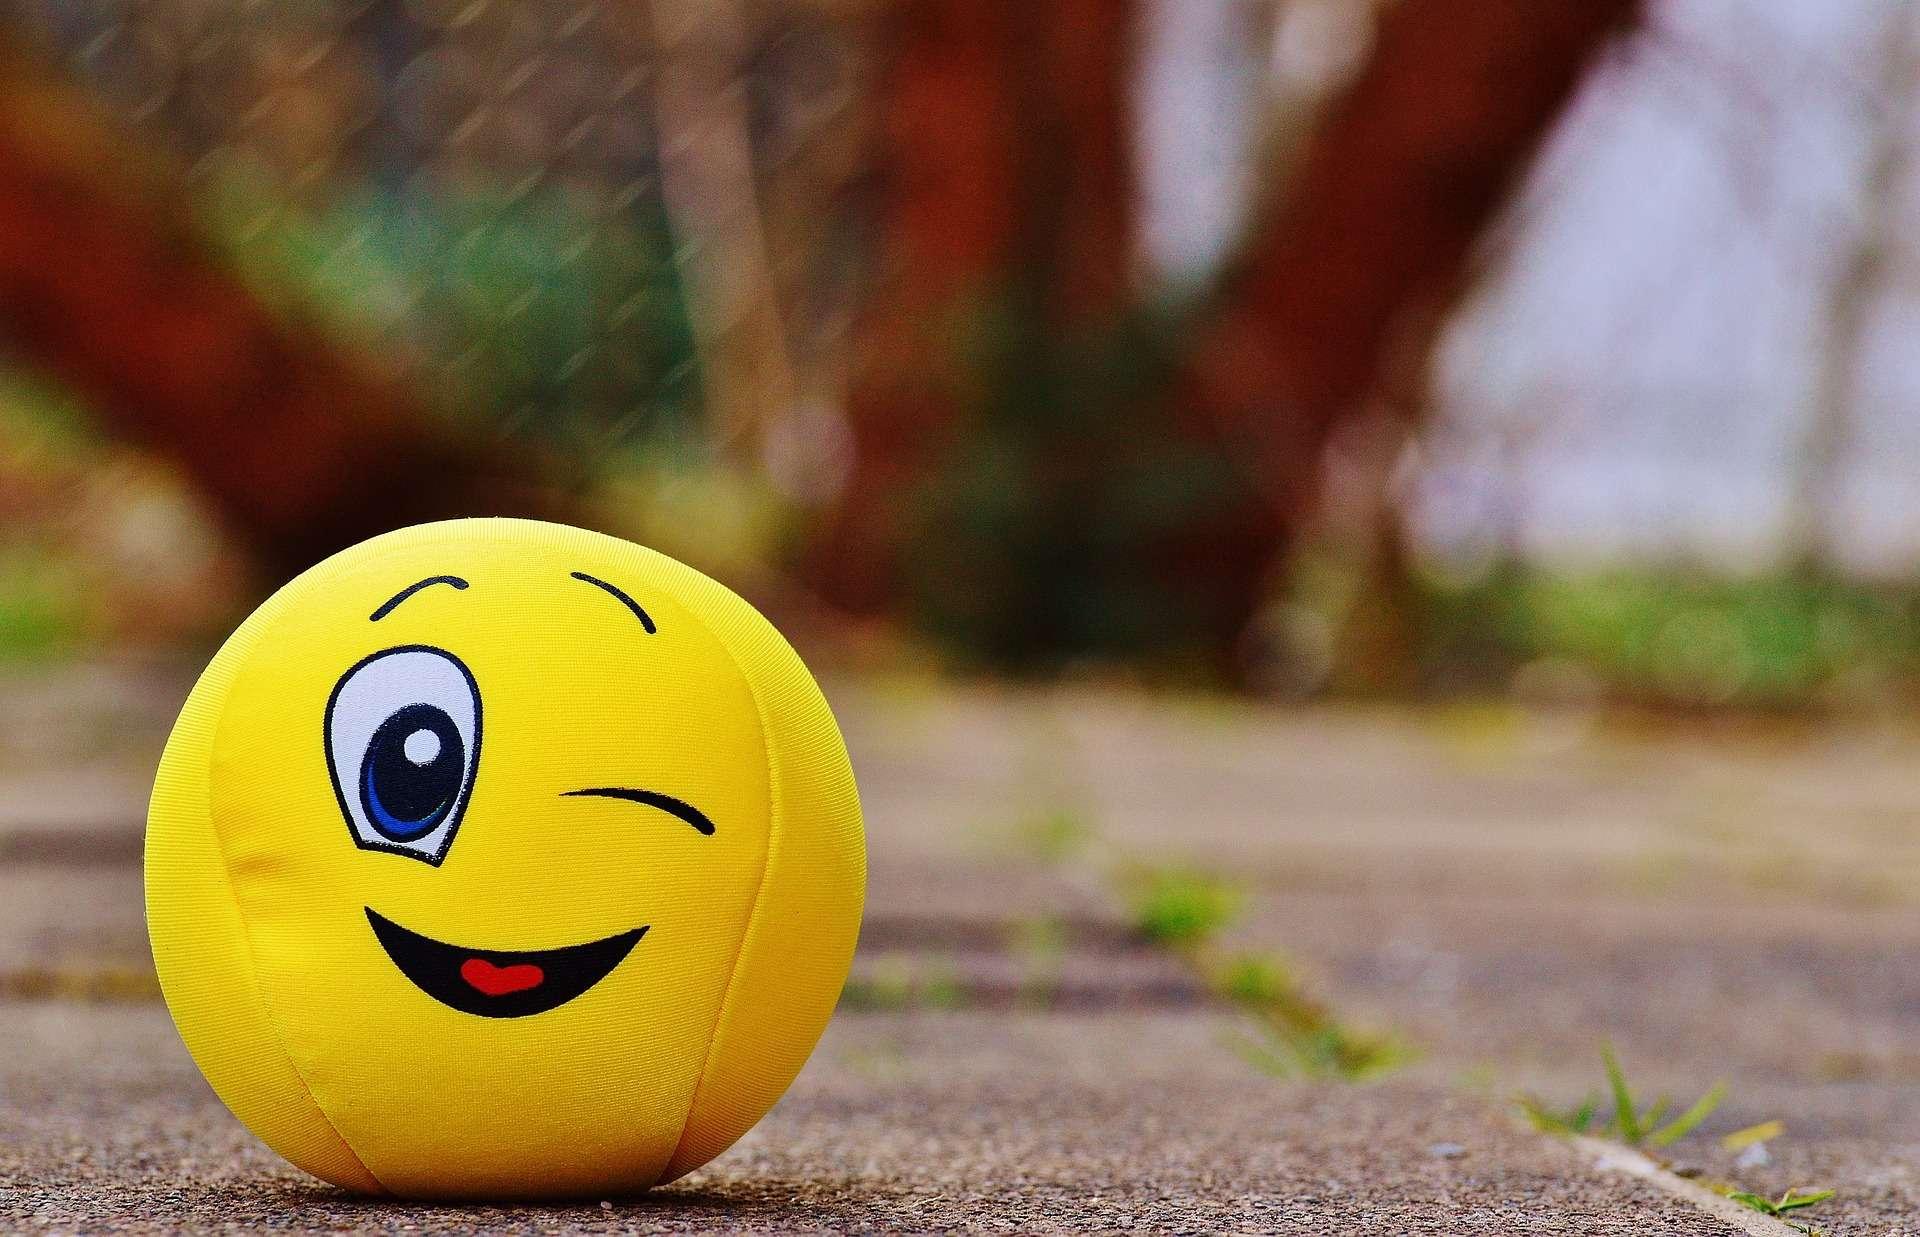 Yellow soft ball winking